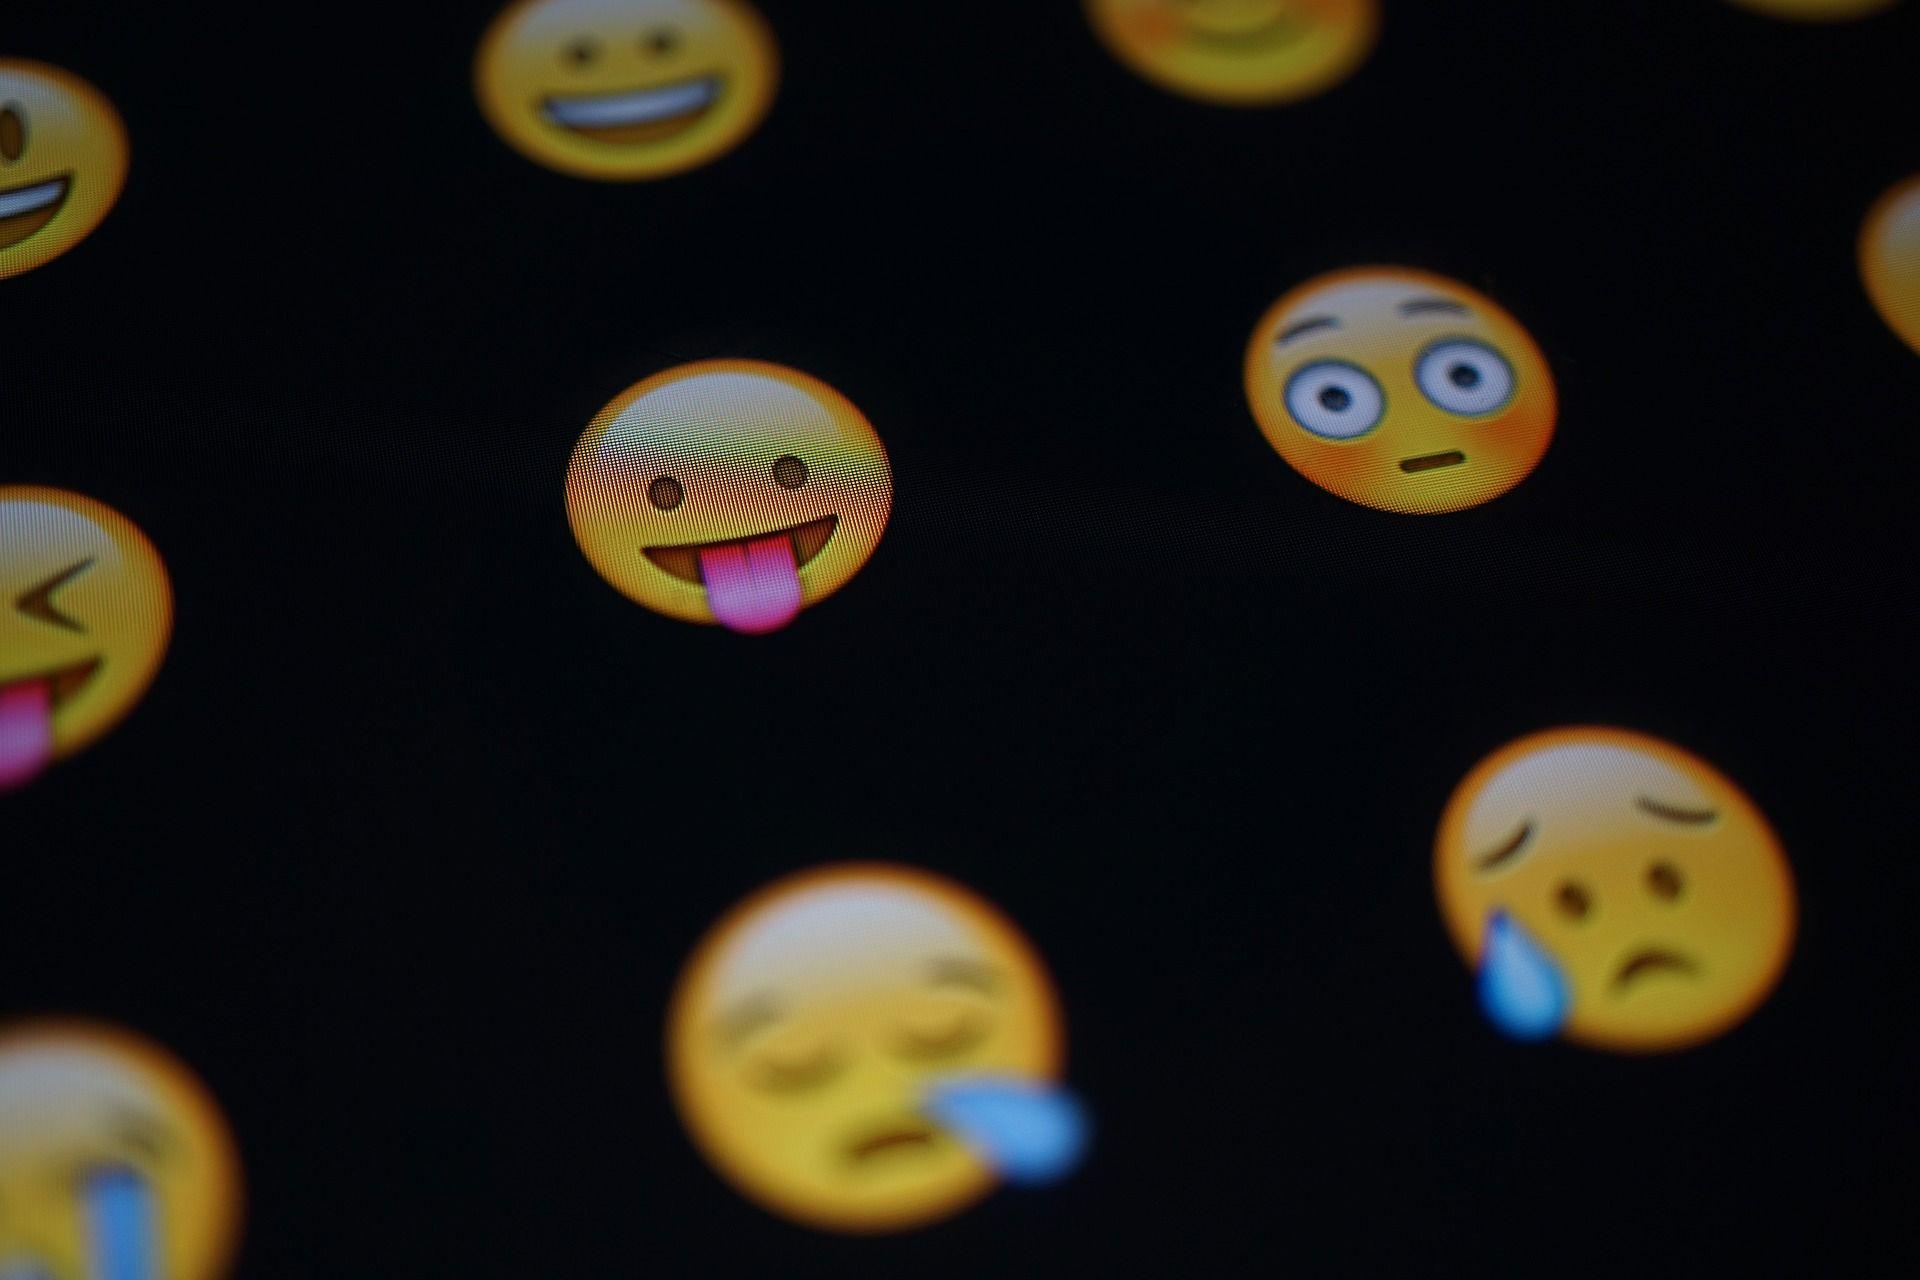 hoy es el dia mundial del emoji: ¿por que se celebra y cuales son los mas usados en argentina